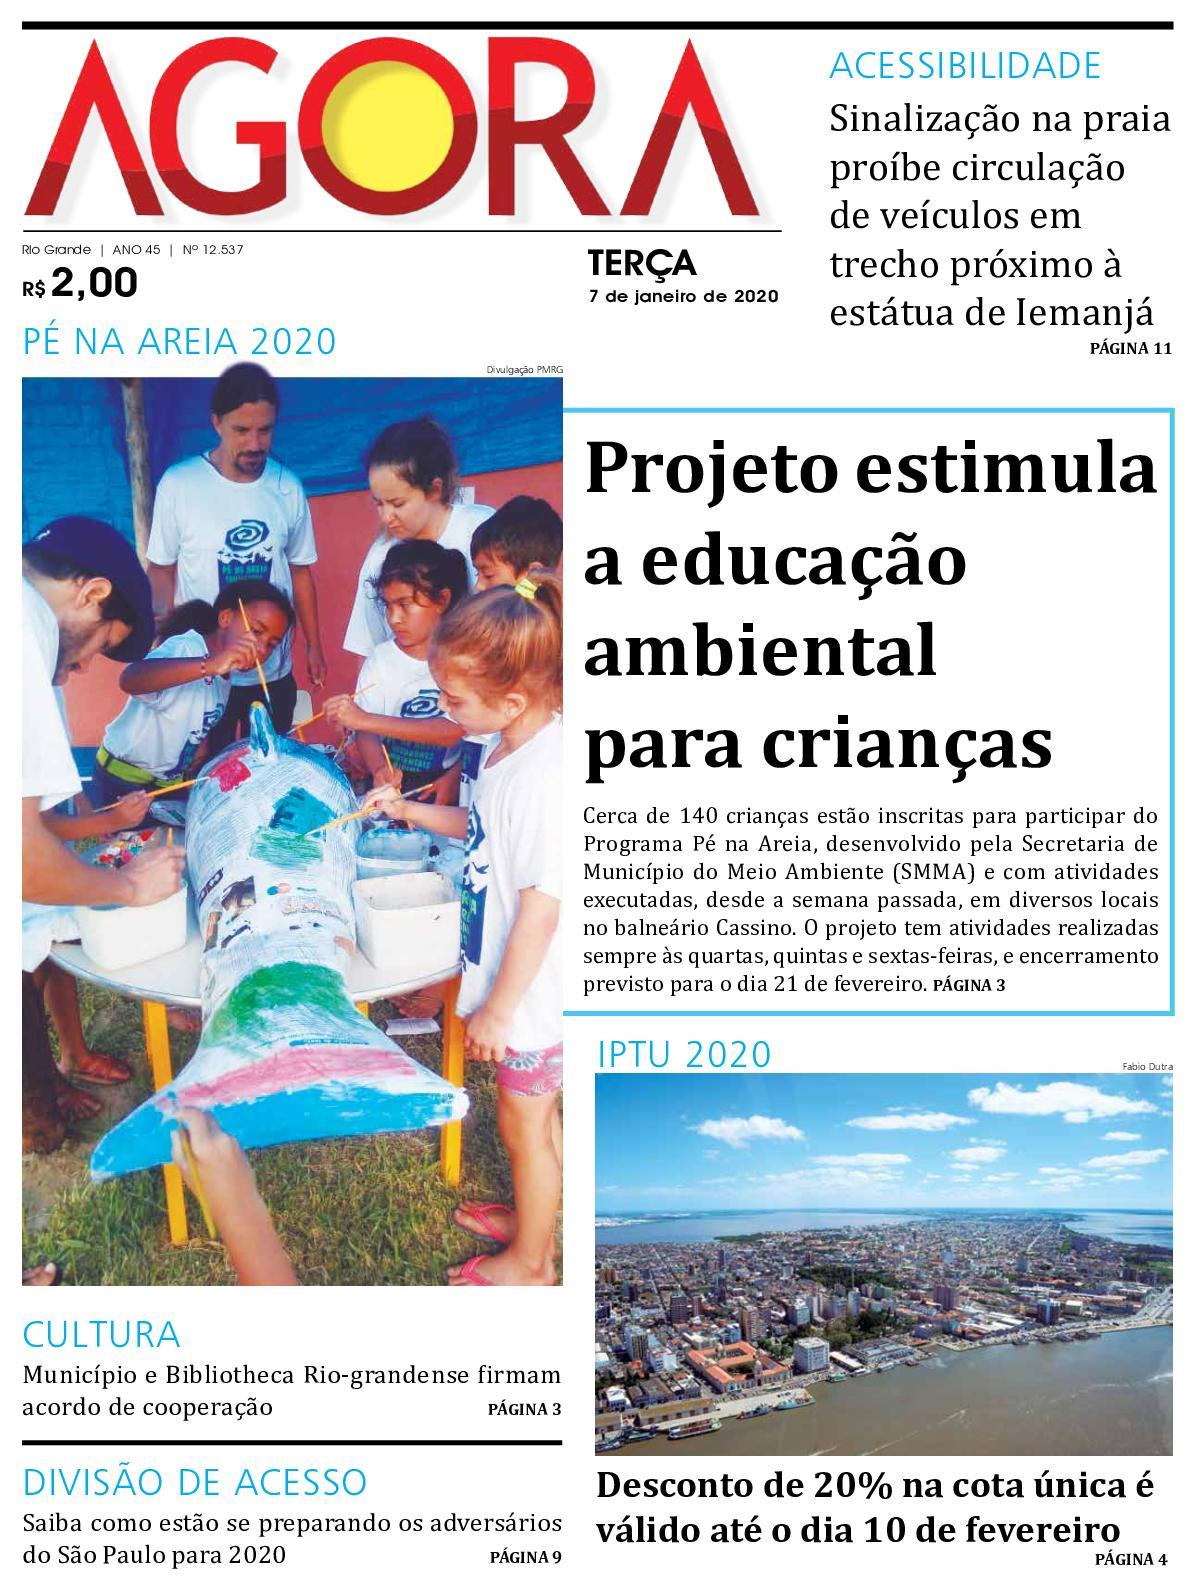 Jornal Agora - Edição 12537 - 7 de Janeiro de 2020